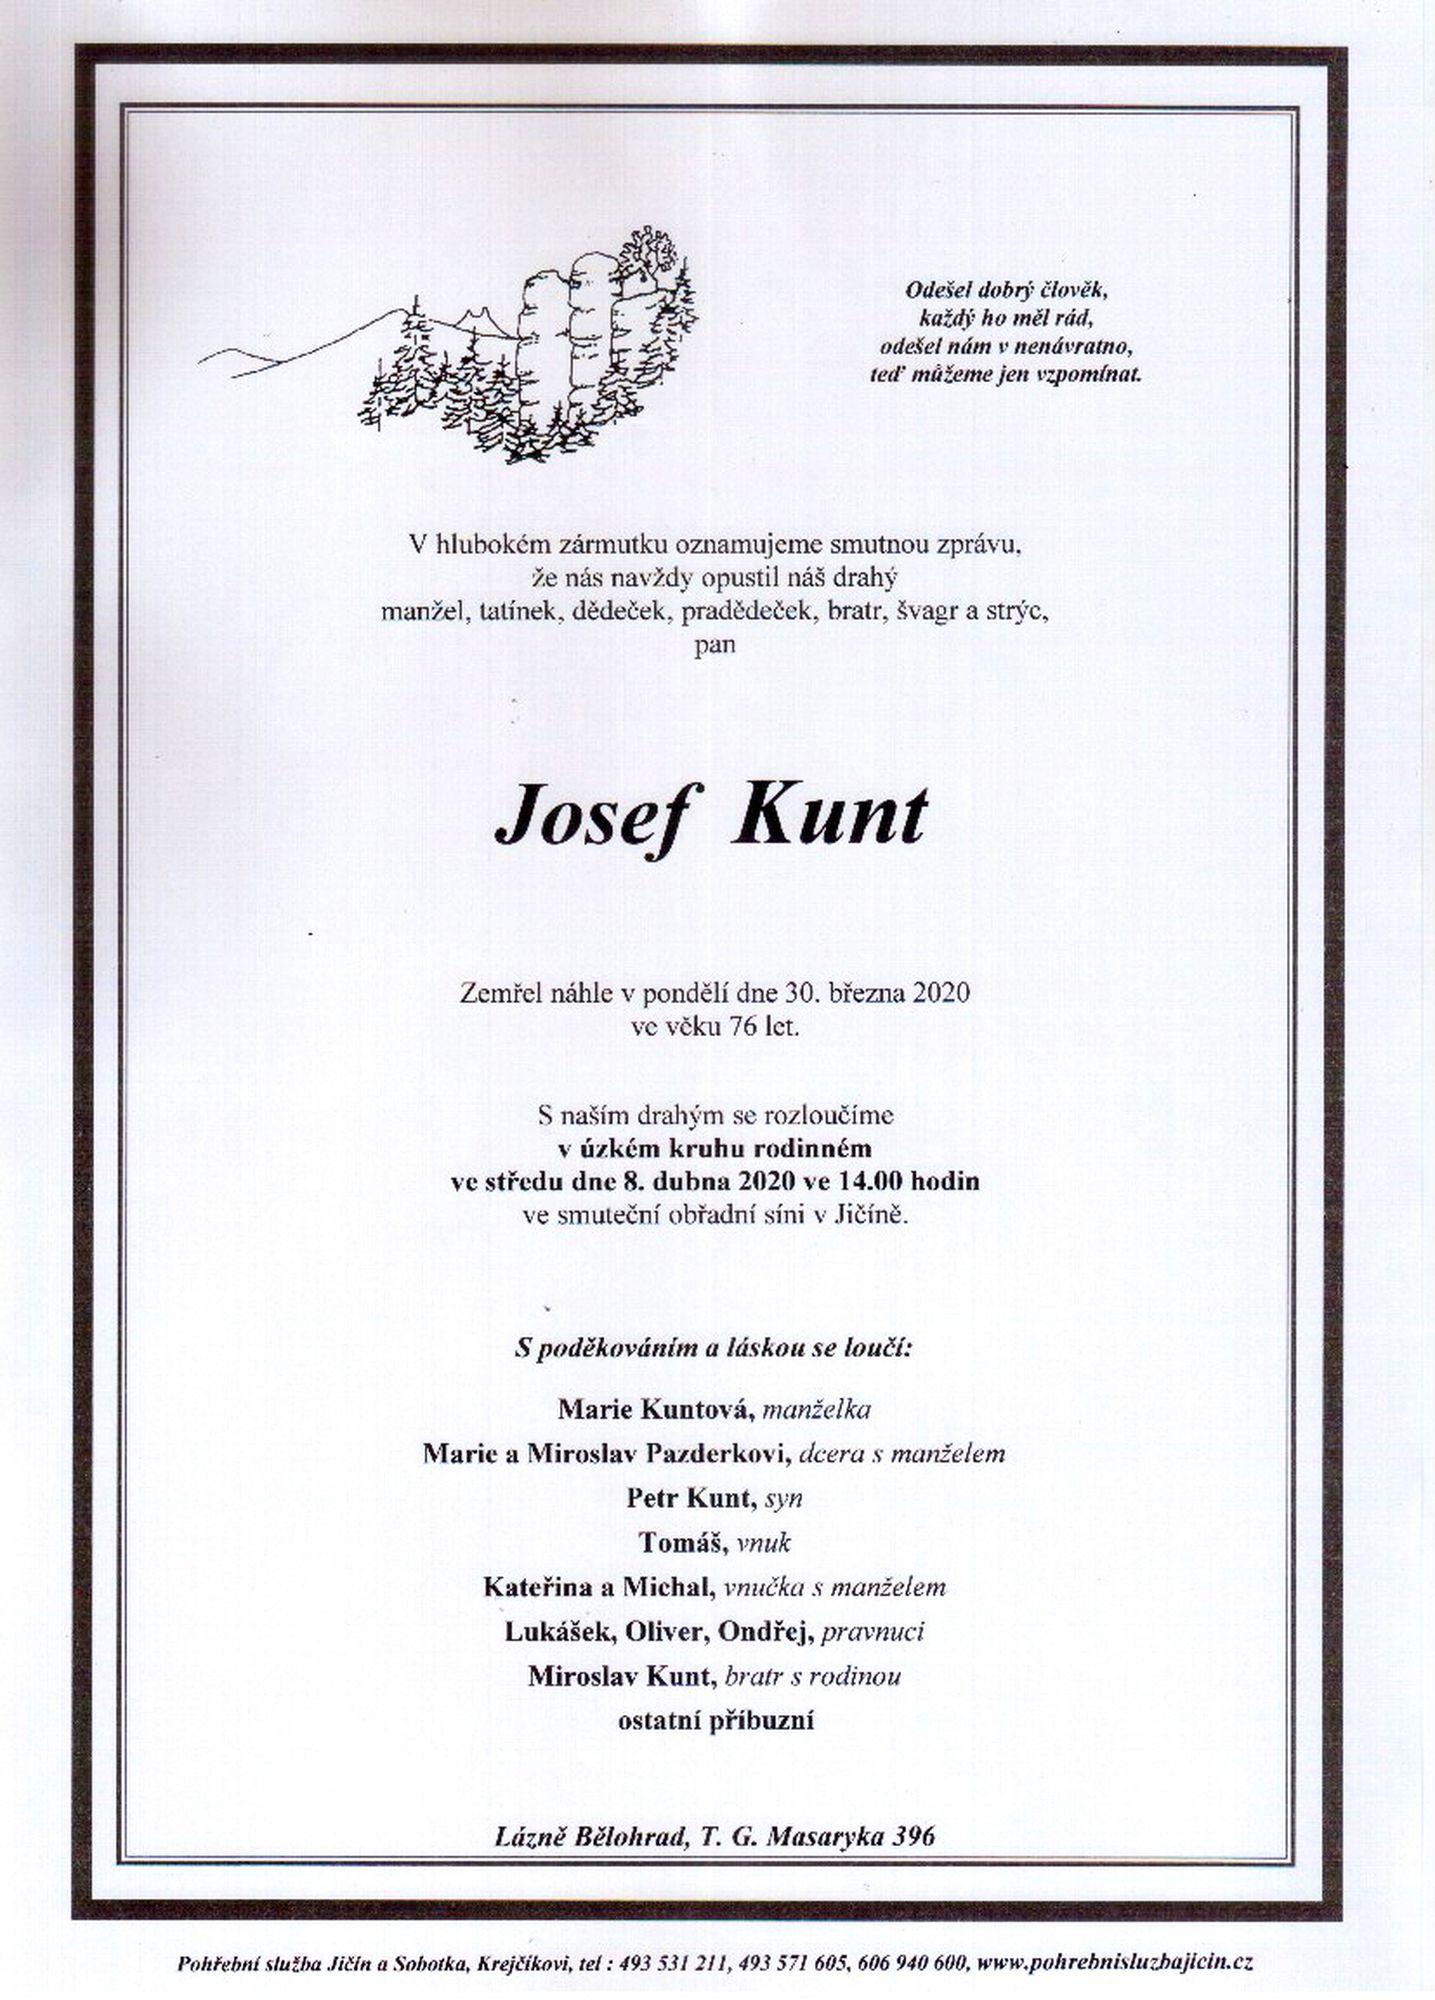 Josef Kunt